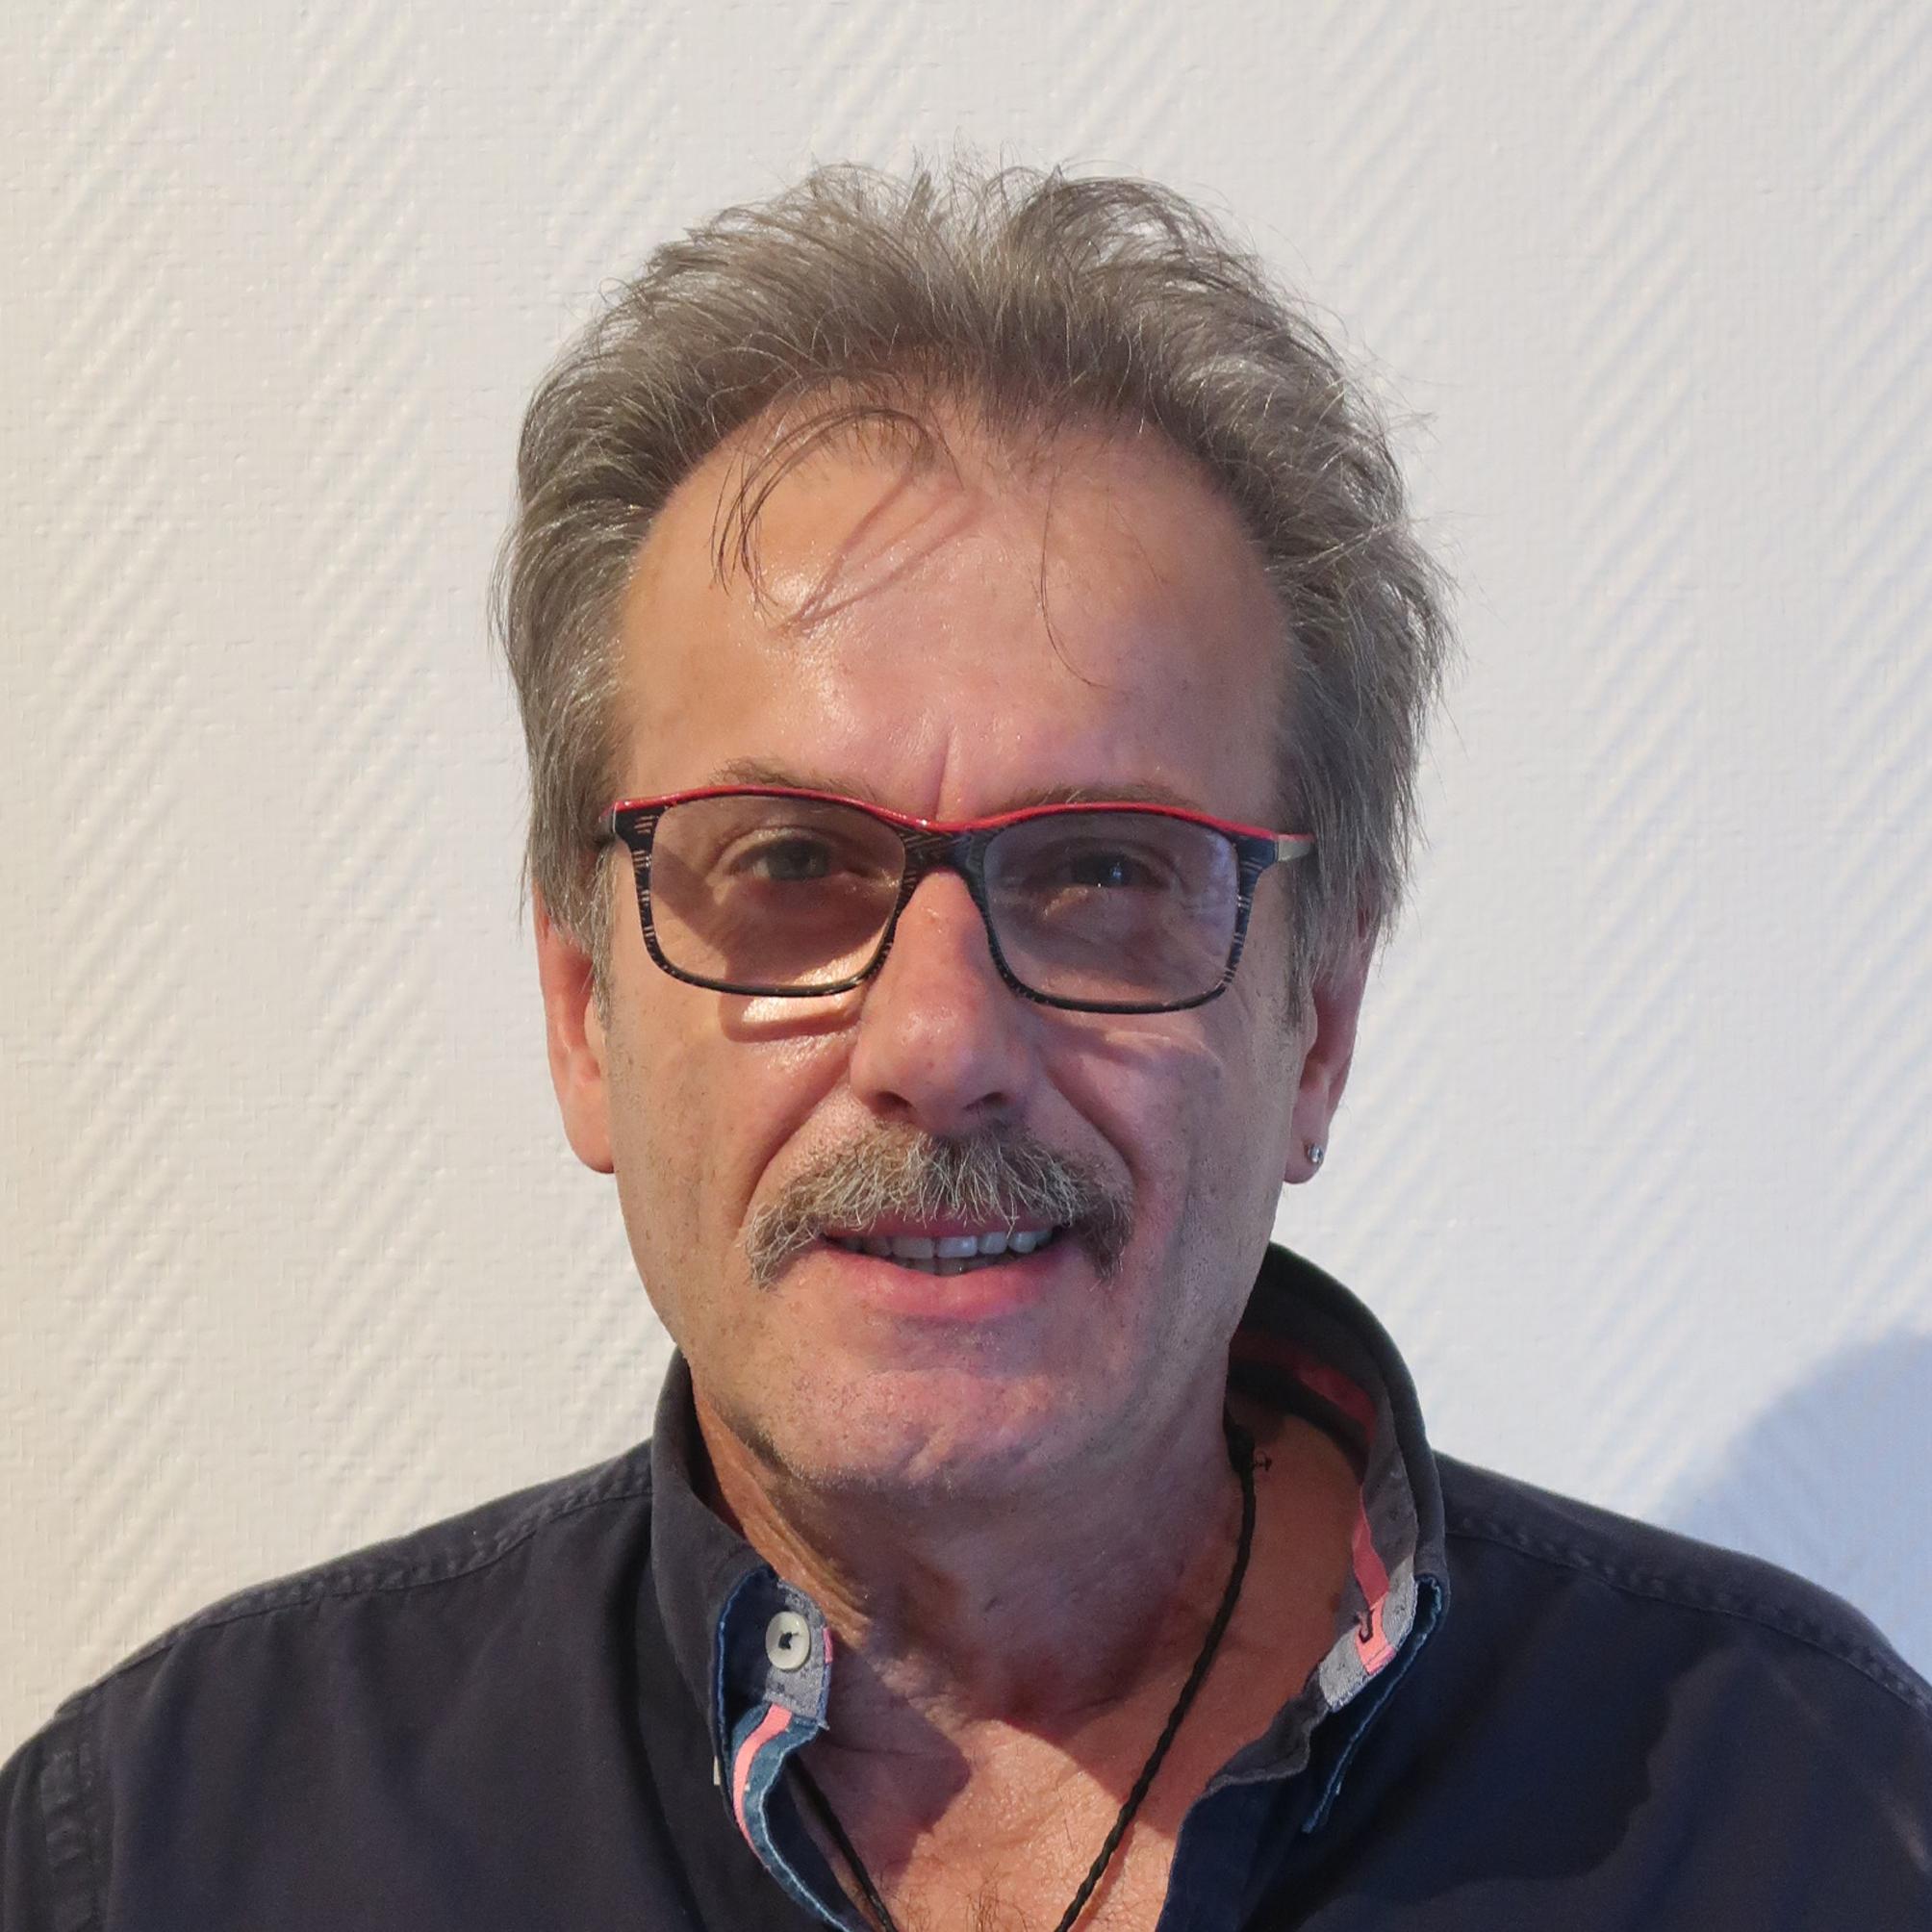 Christian Marnas